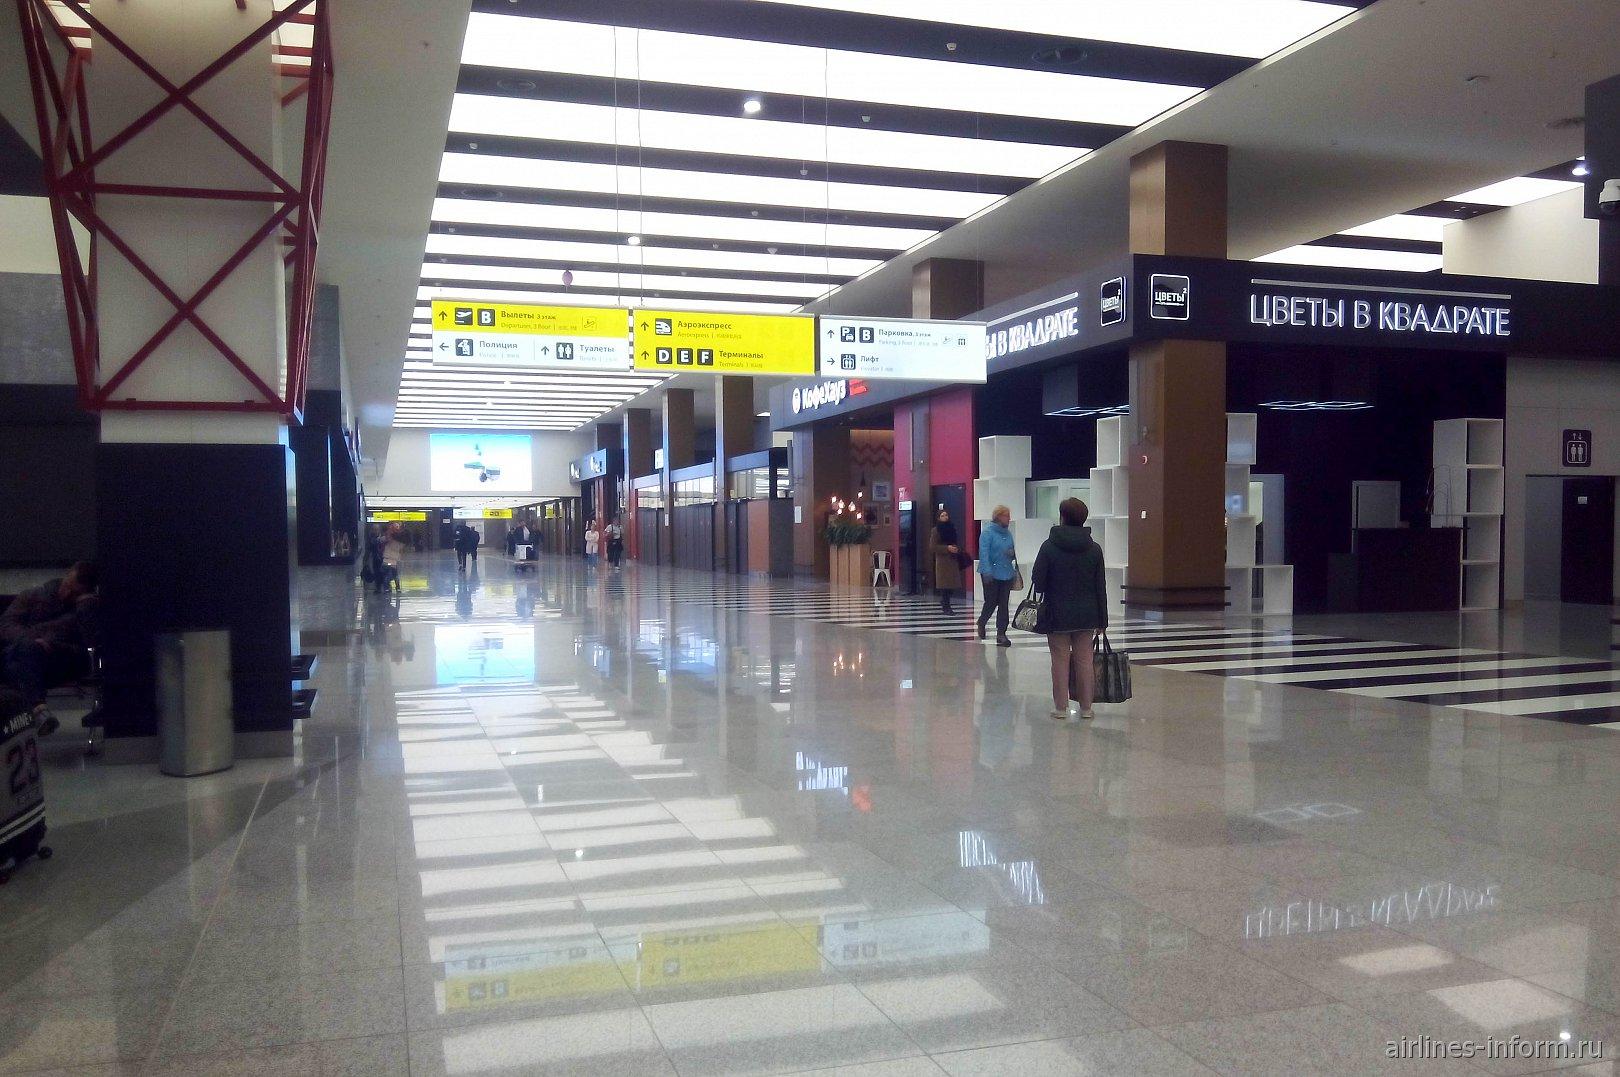 В общей зоне прилета терминала B аэропорта Шереметьево